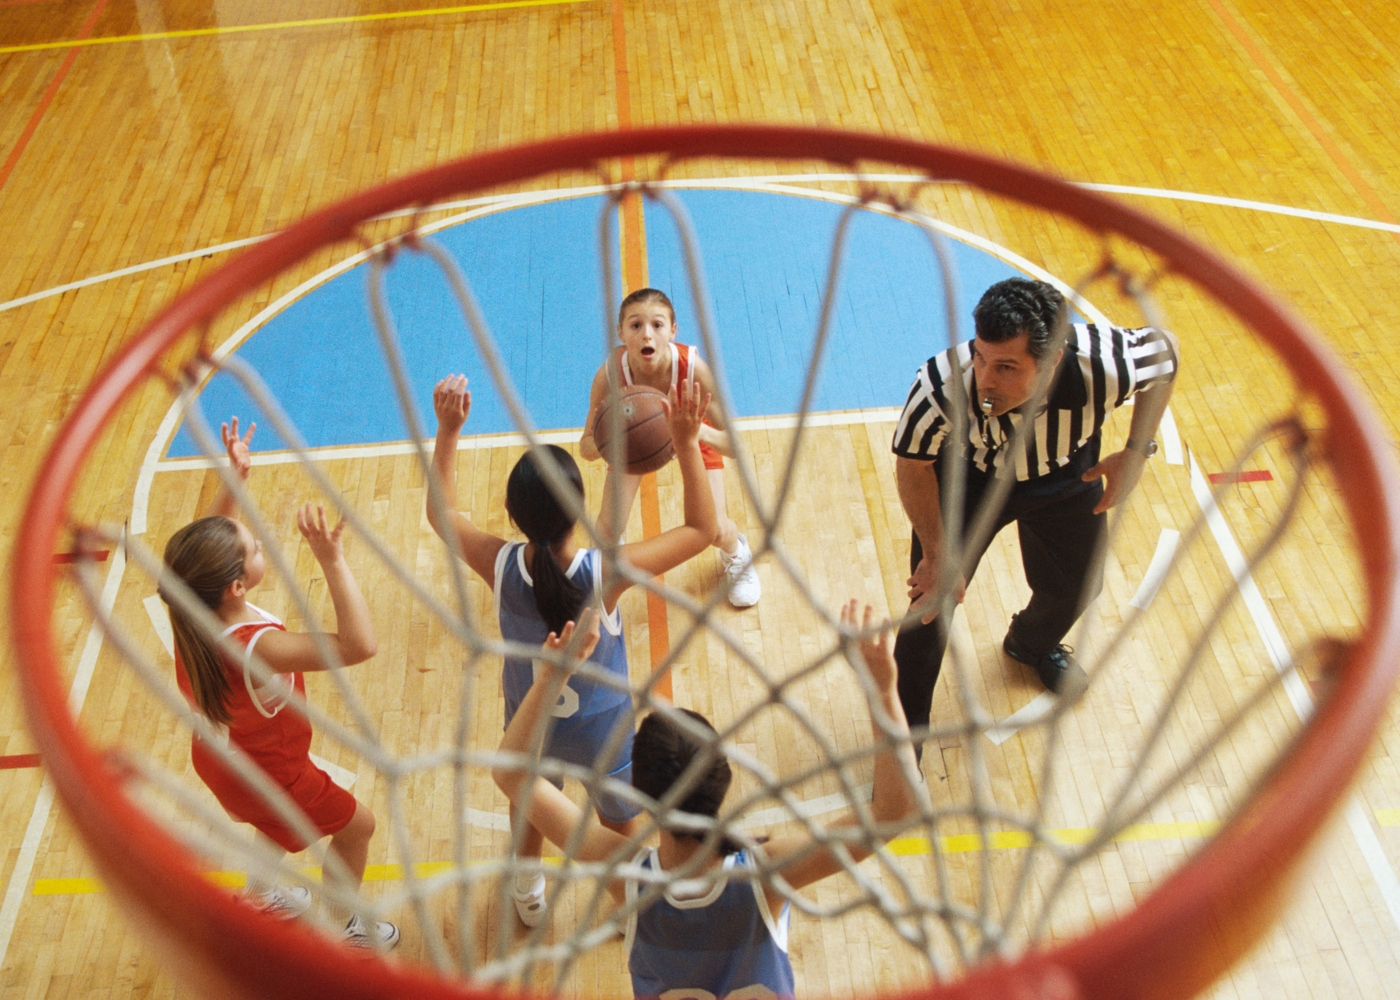 Crianças a jogar basquetebol